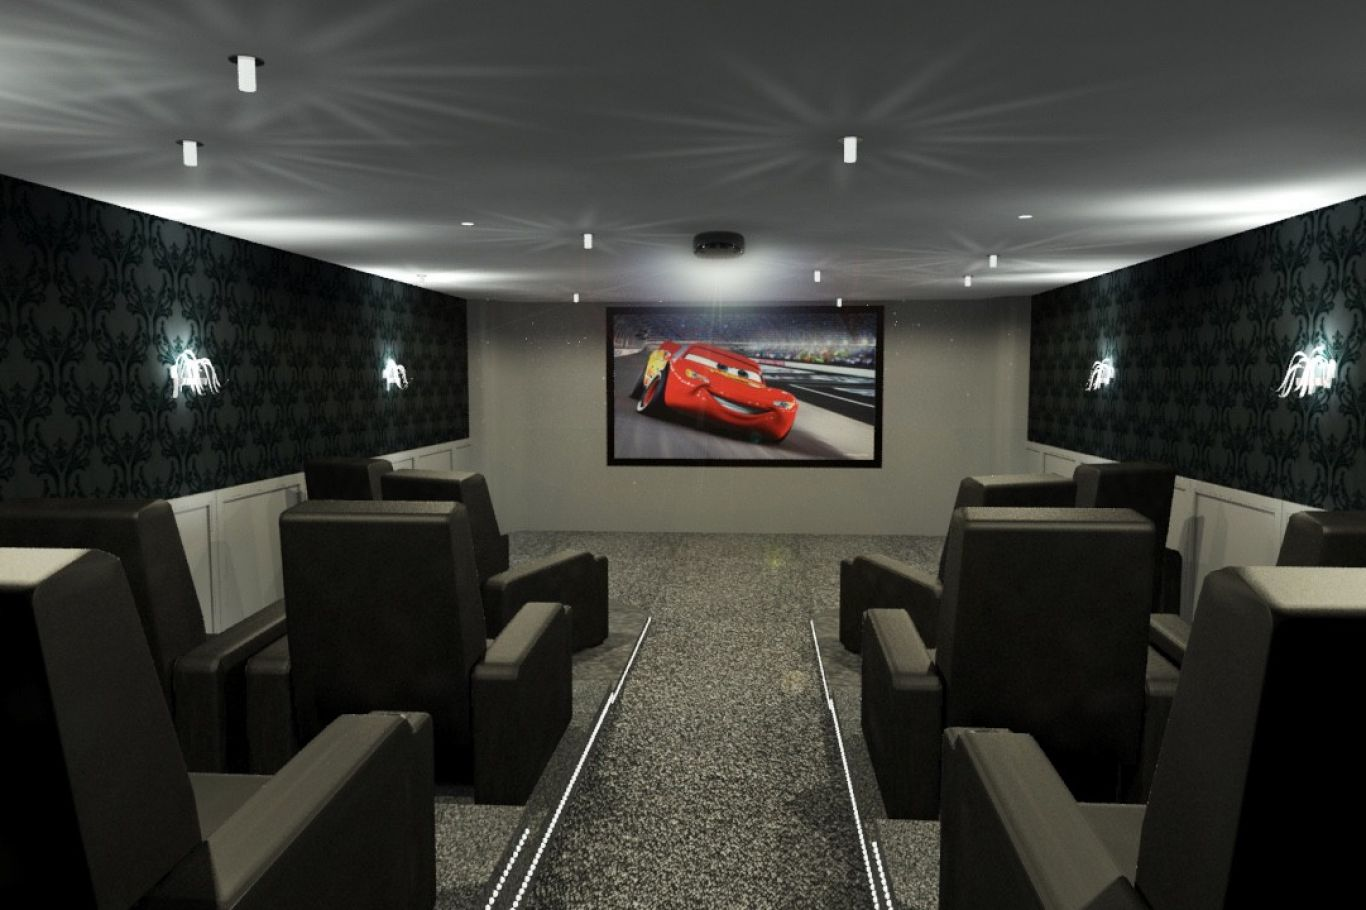 Installers of custom home cinema rooms